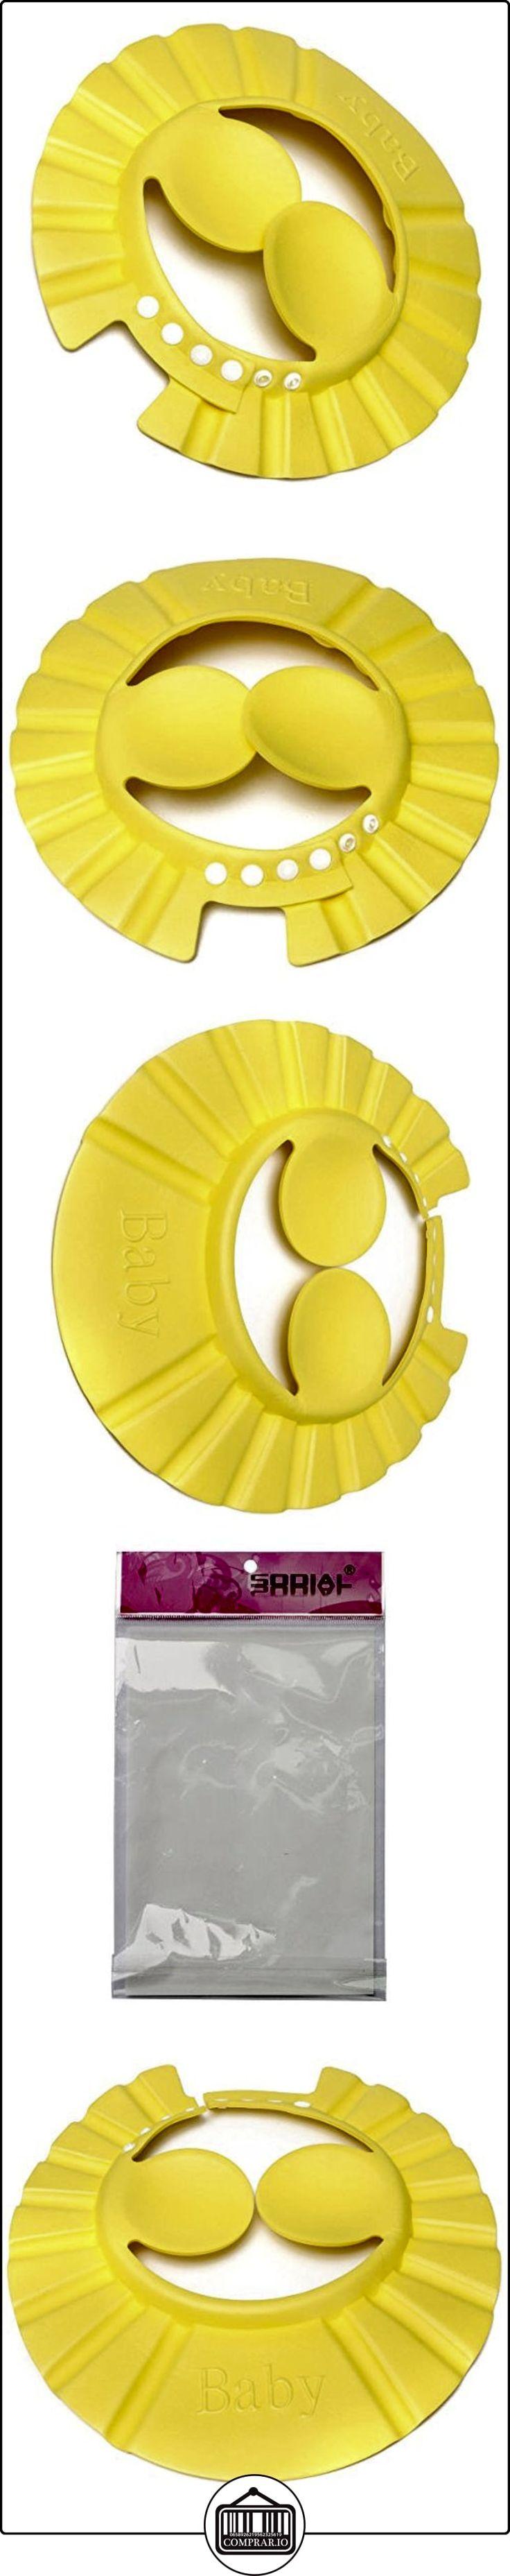 Gorro de ducha del bano - SODIAL(R) Gorro de ducha del bano para lavar el pelo con champu para bebes infantiles ninos y muchachos amarillo  ✿ Seguridad para tu bebé - (Protege a tus hijos) ✿ ▬► Ver oferta: http://comprar.io/goto/B01EIYHY3Y